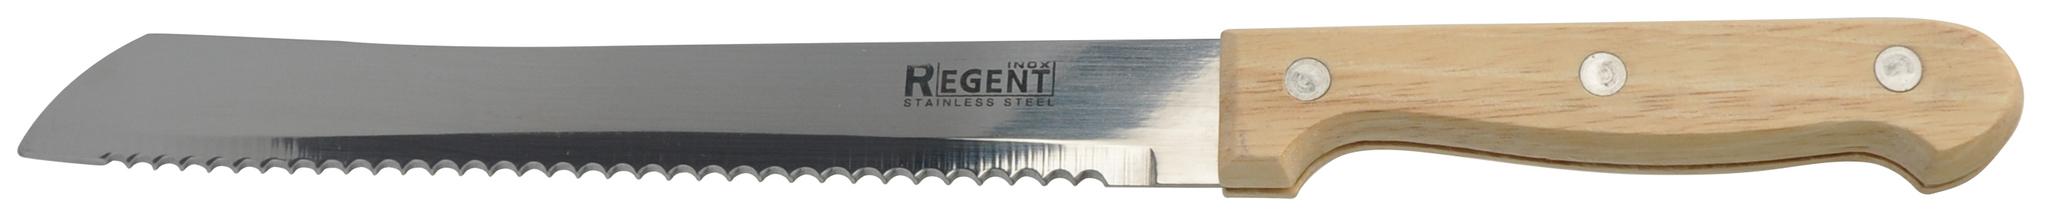 Нож для хлеба Regent inoxНожи, мусаты, ножеточки<br>Тип: нож,<br>Назначение: для хлеба,<br>Материал: нержавеющая сталь,<br>Длина (мм): 205<br>